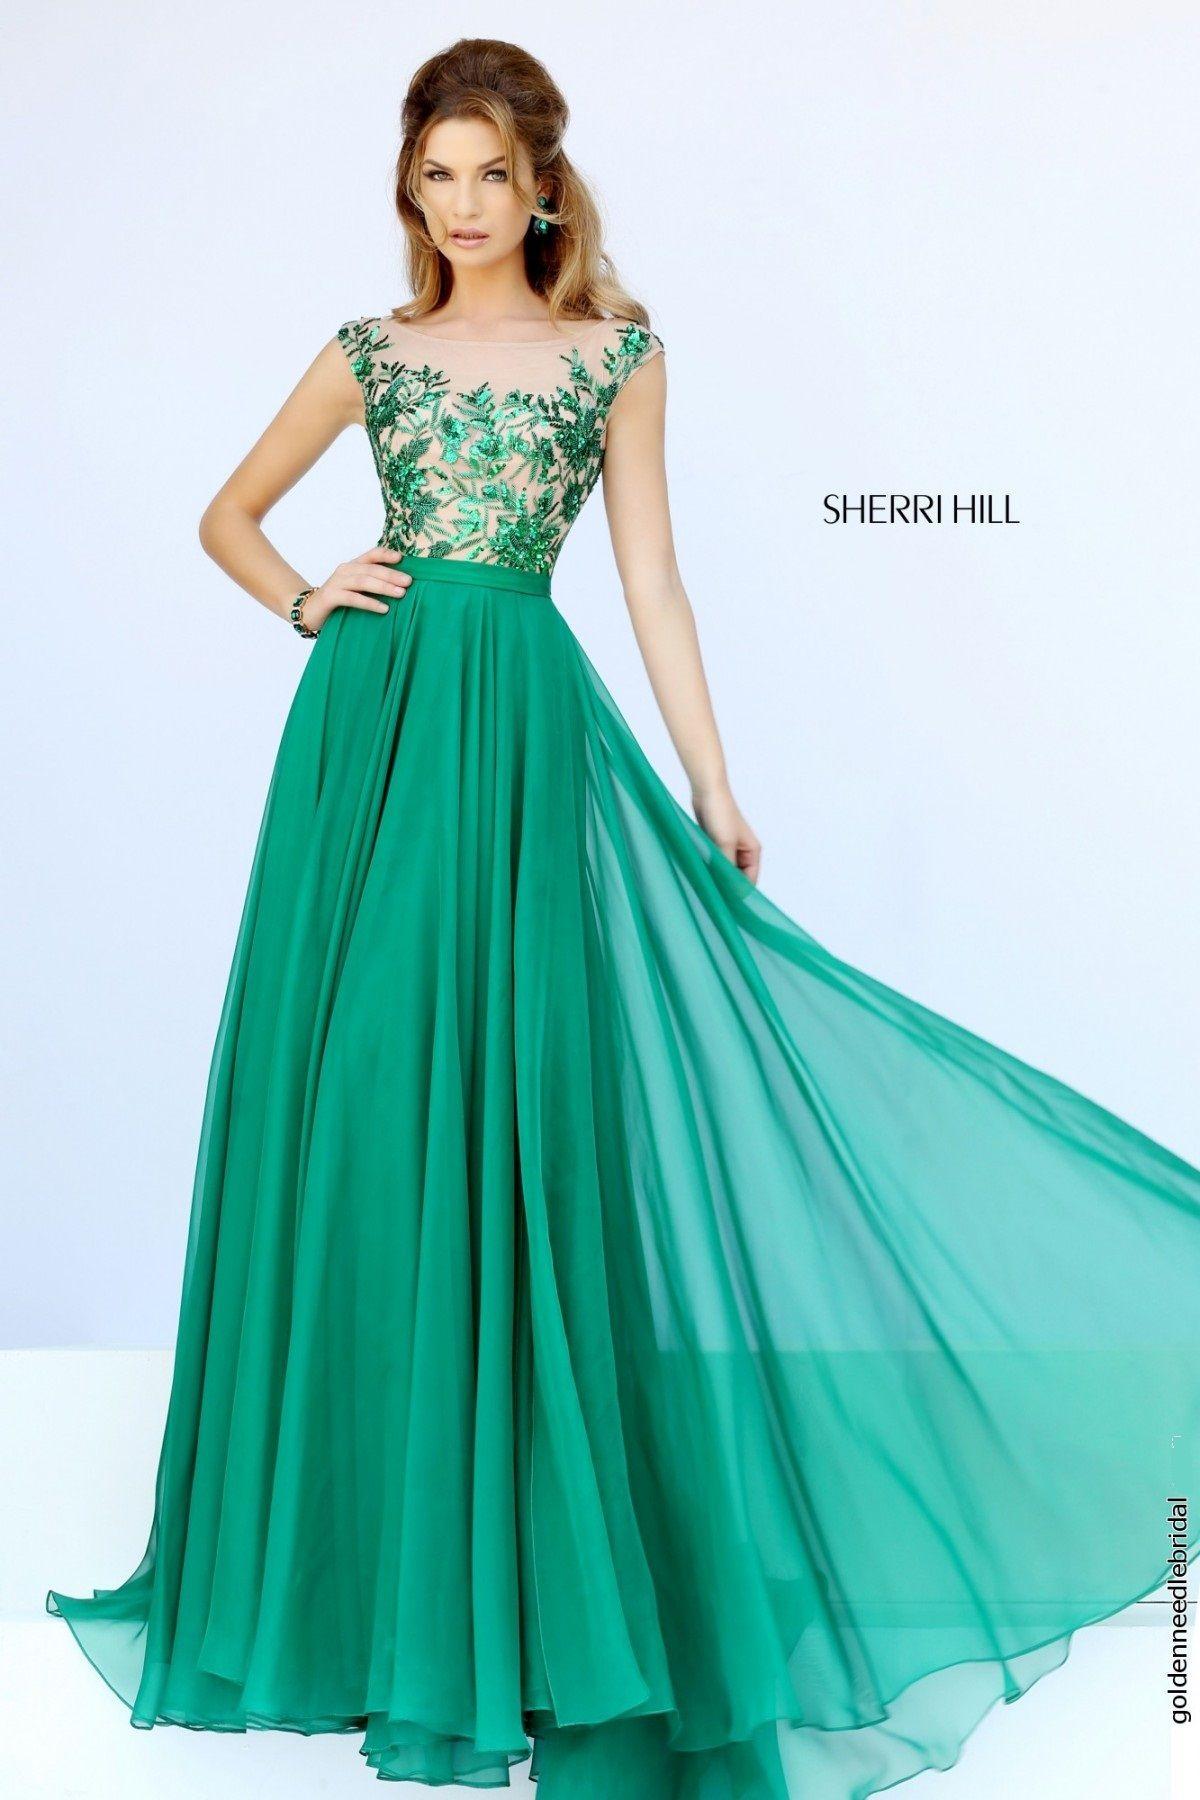 Sherri Hill | Fashion - Sherri Hill | Pinterest | Sherri hill